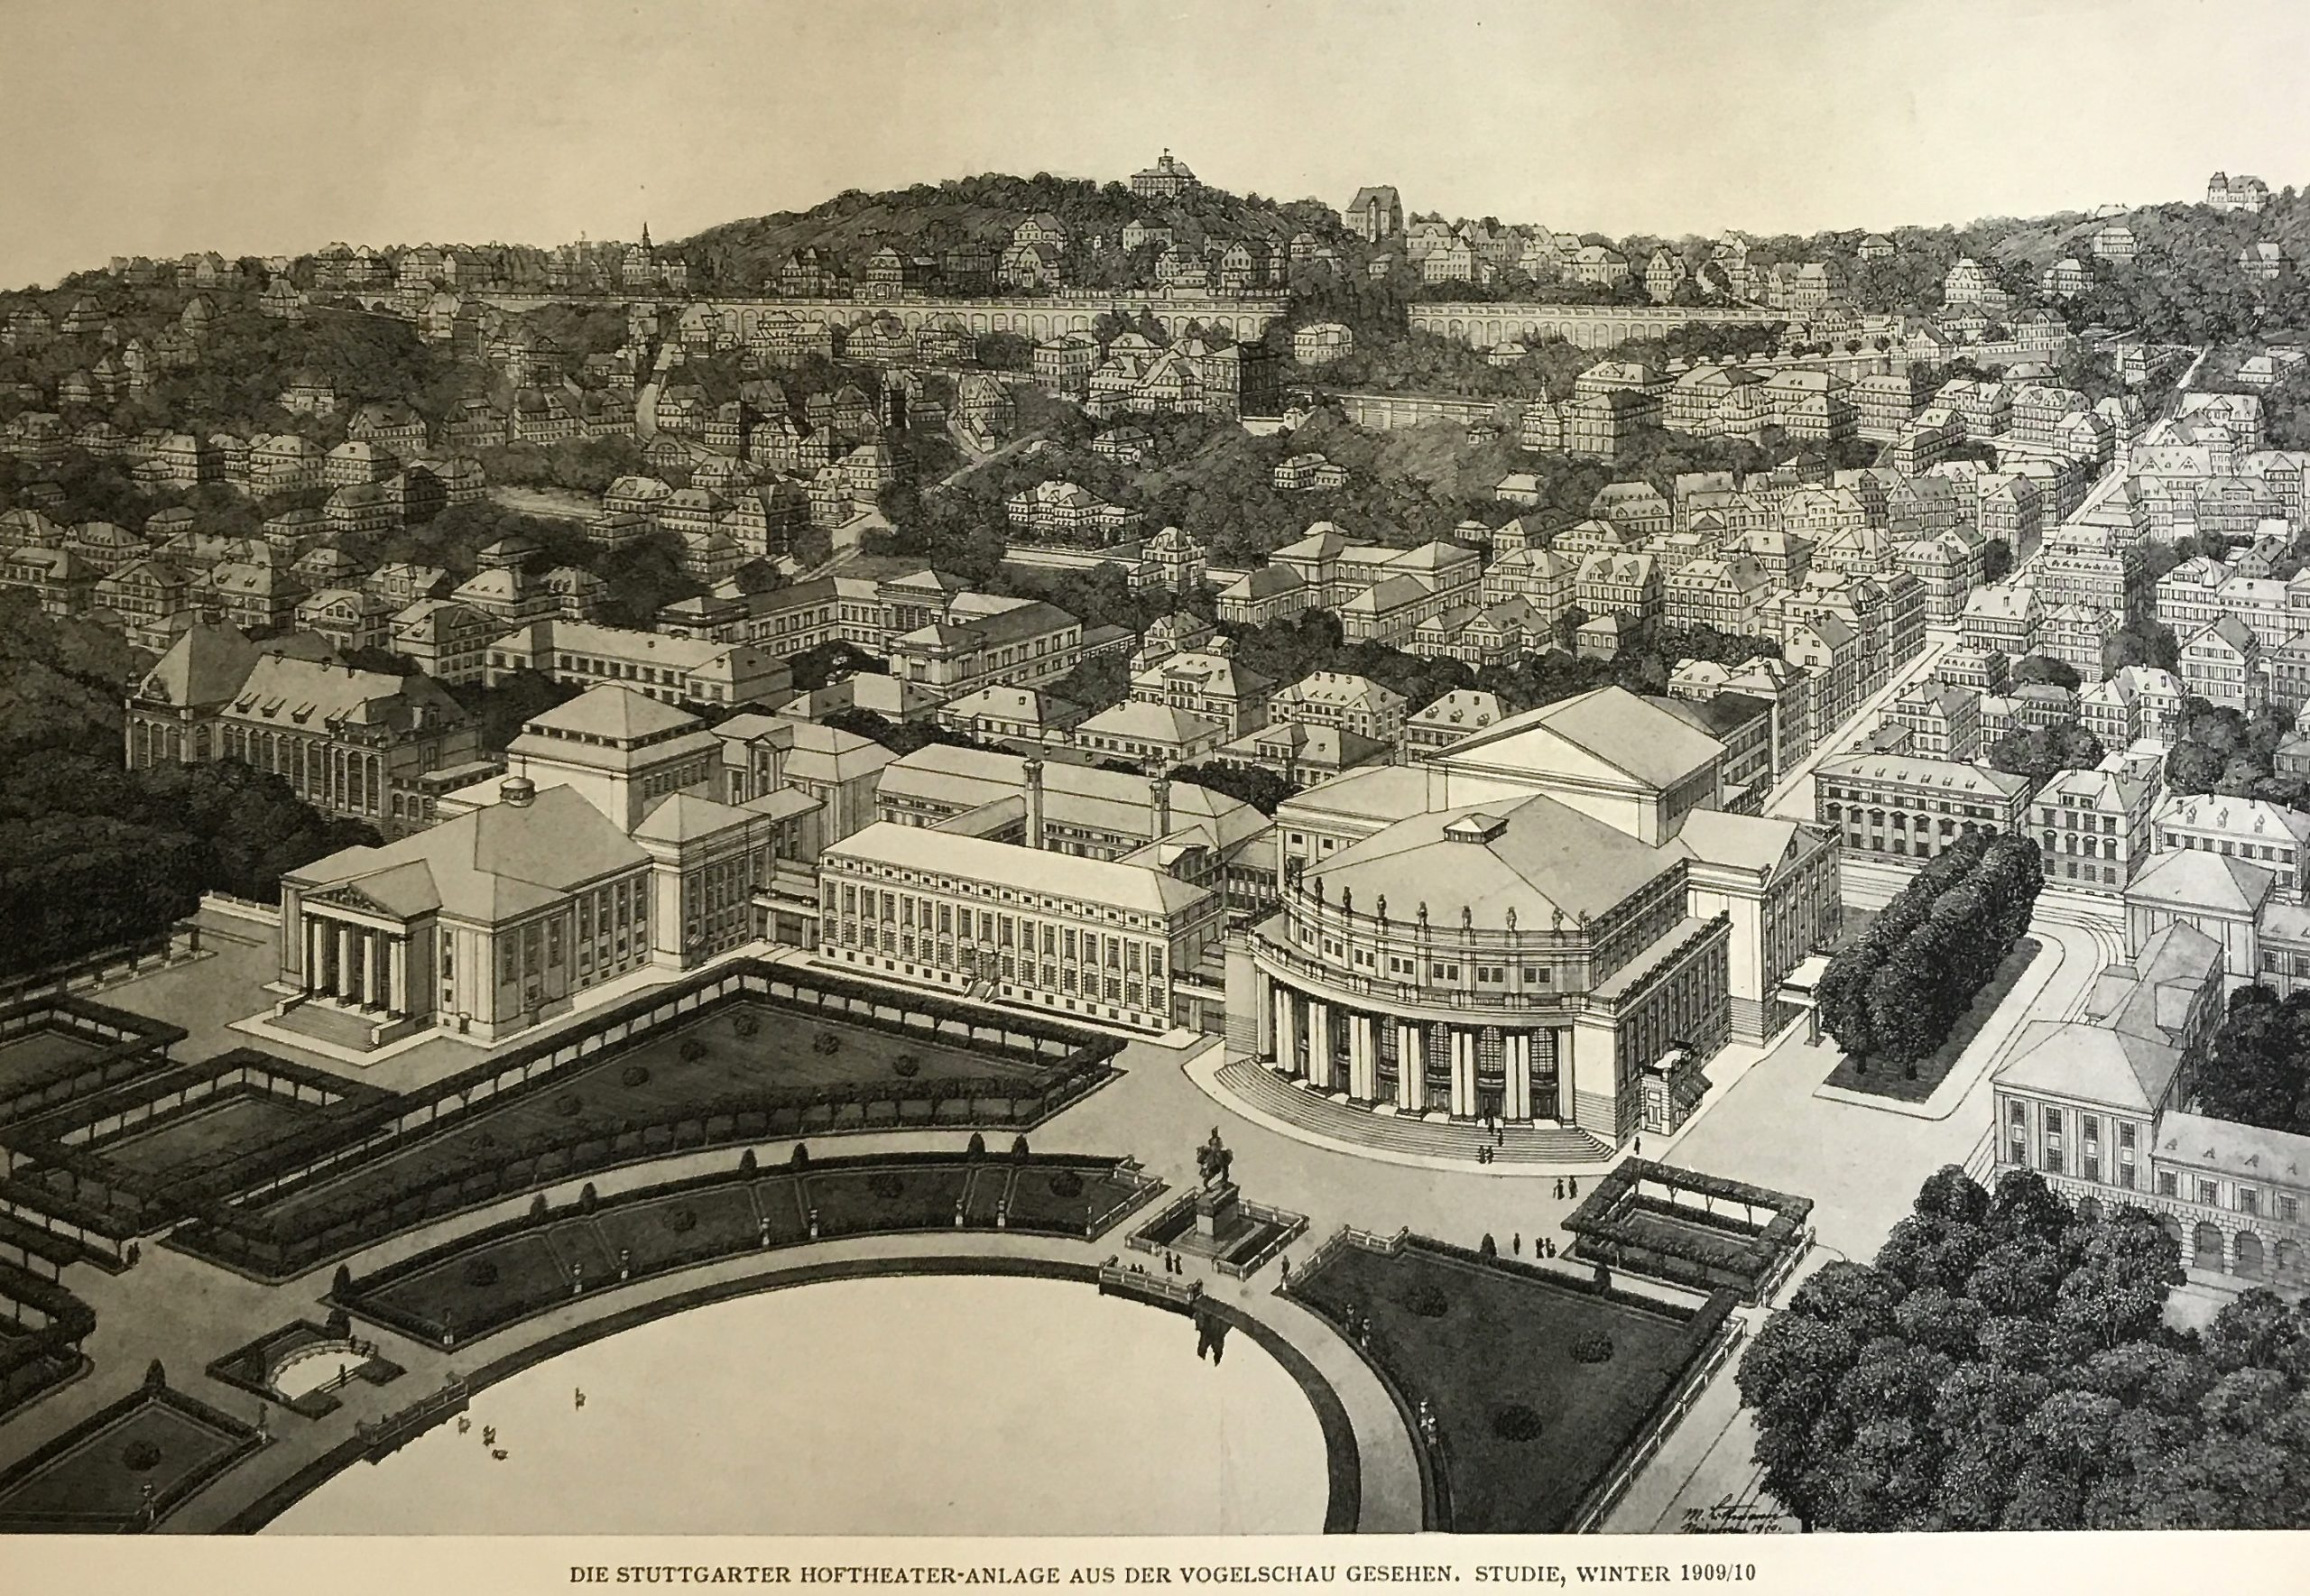 Max Liimanns Vogelschau auf das Hoftheater in Stuttgart 1909/10